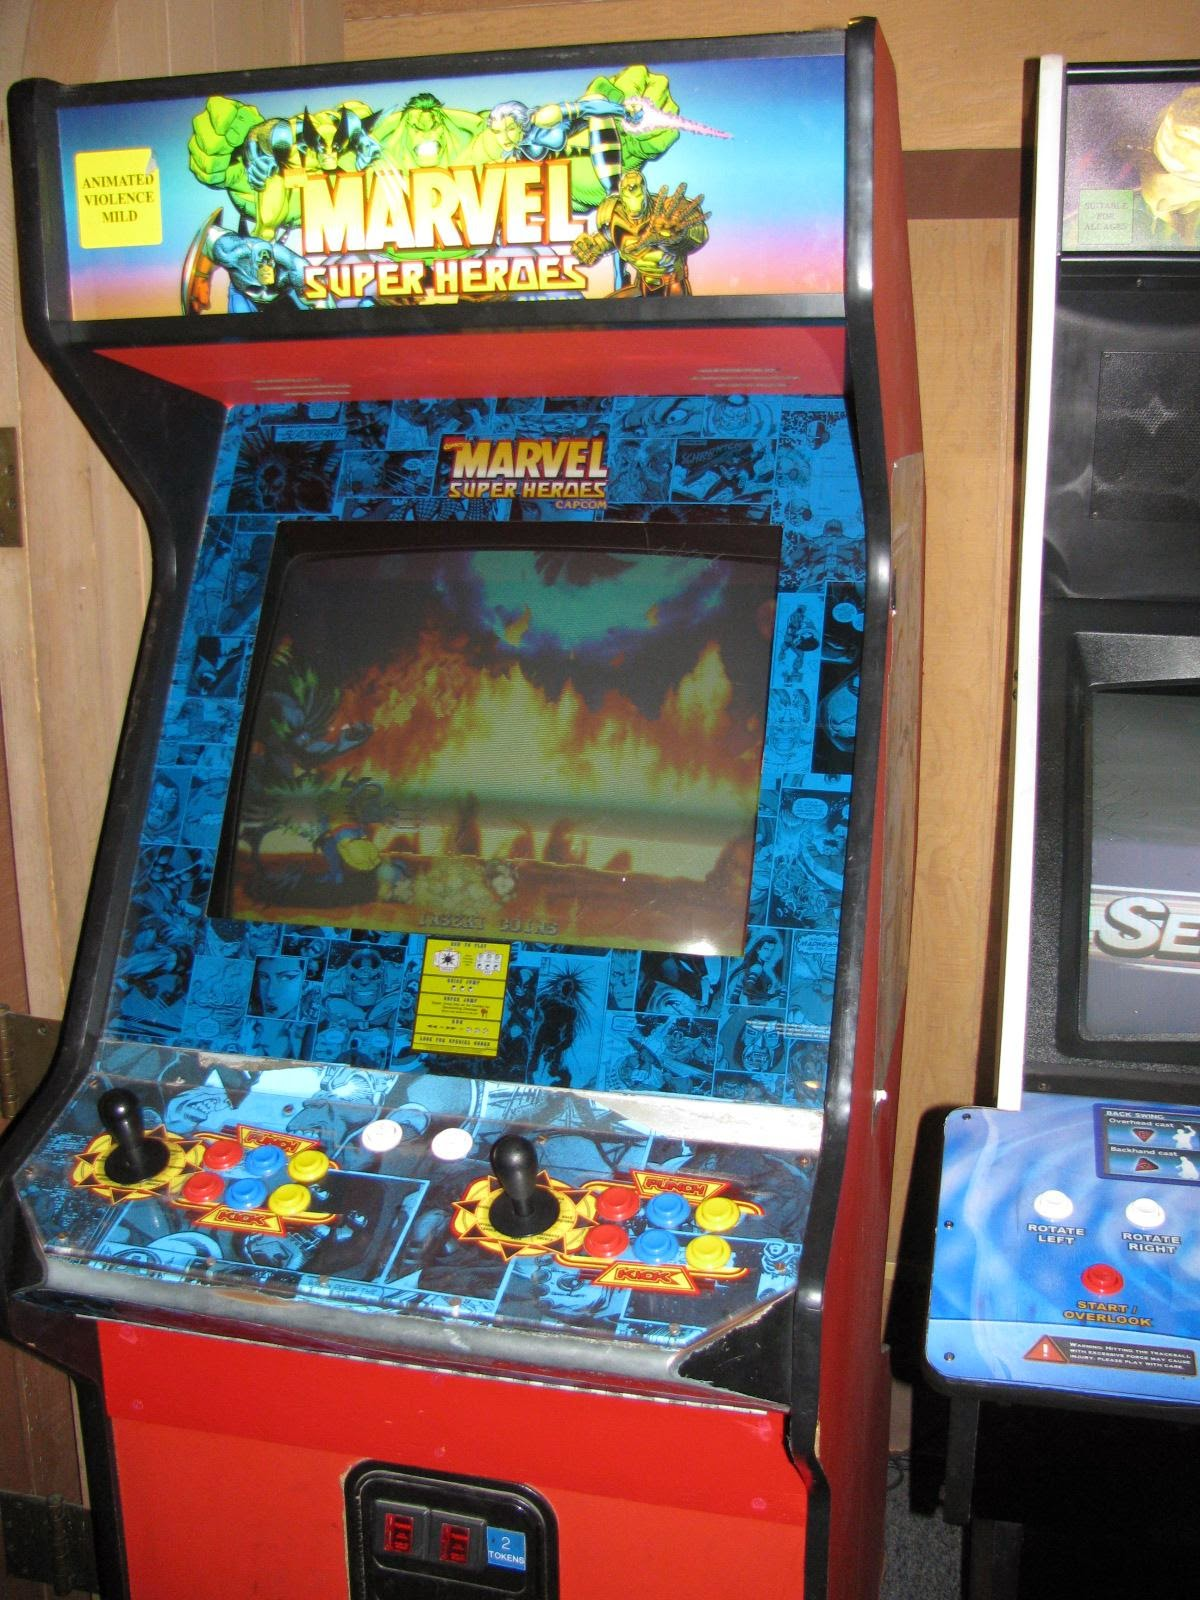 Marvel Super Heroes 60 Superhéroes: Videojuegos Retro (Para Jugadores De Antaño): Los